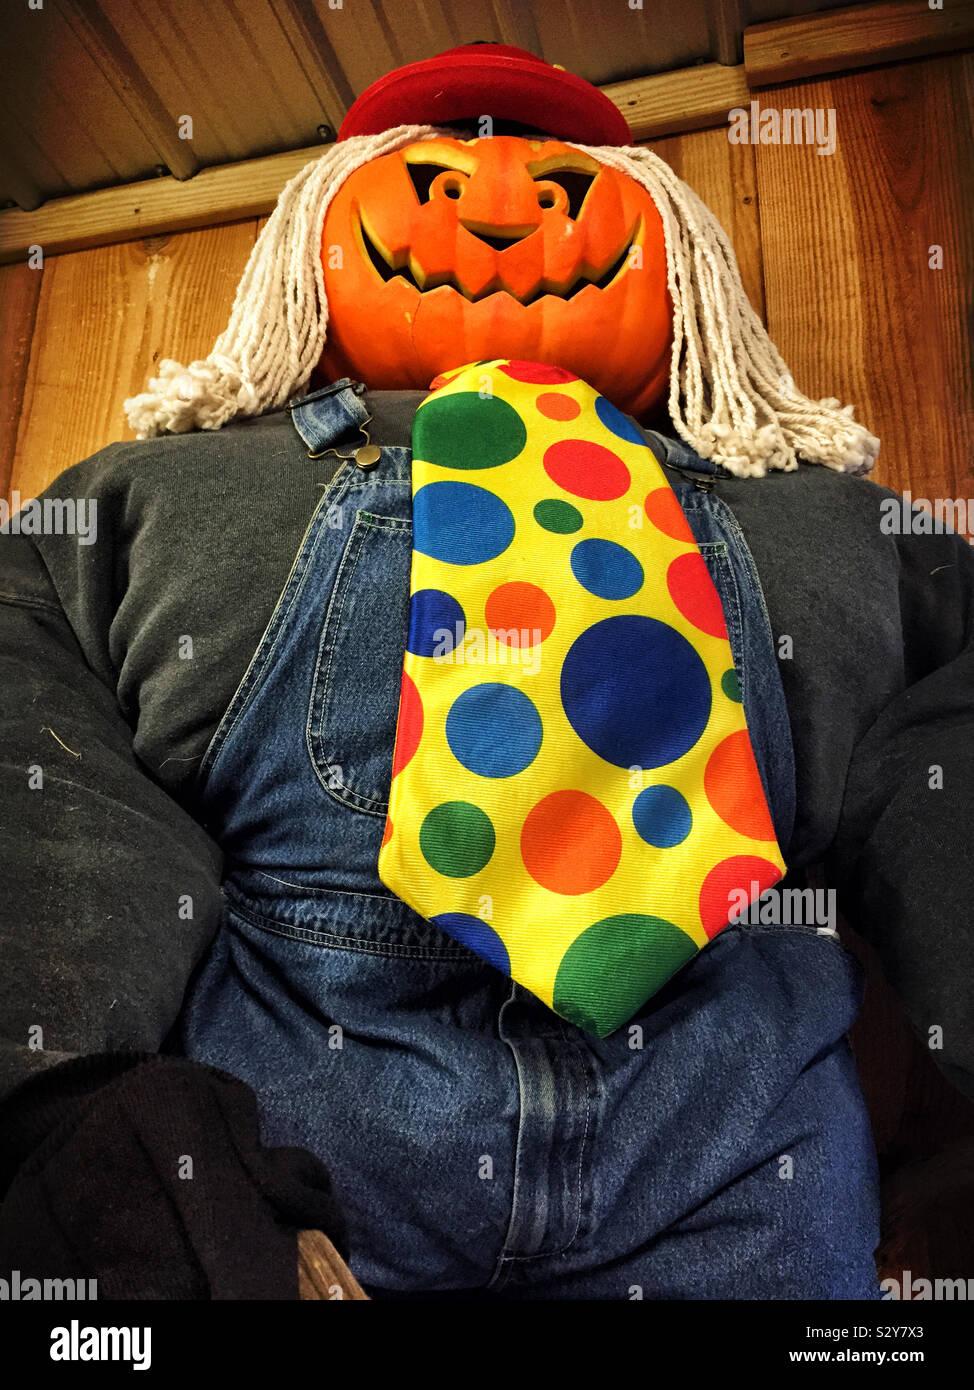 Halloween spaventapasseri con un sorridente scolpito testa di zucca e uno spazzolone per i suoi capelli. Egli è costretto ad indossare tute e ha una polka dot cravatta. Foto Stock